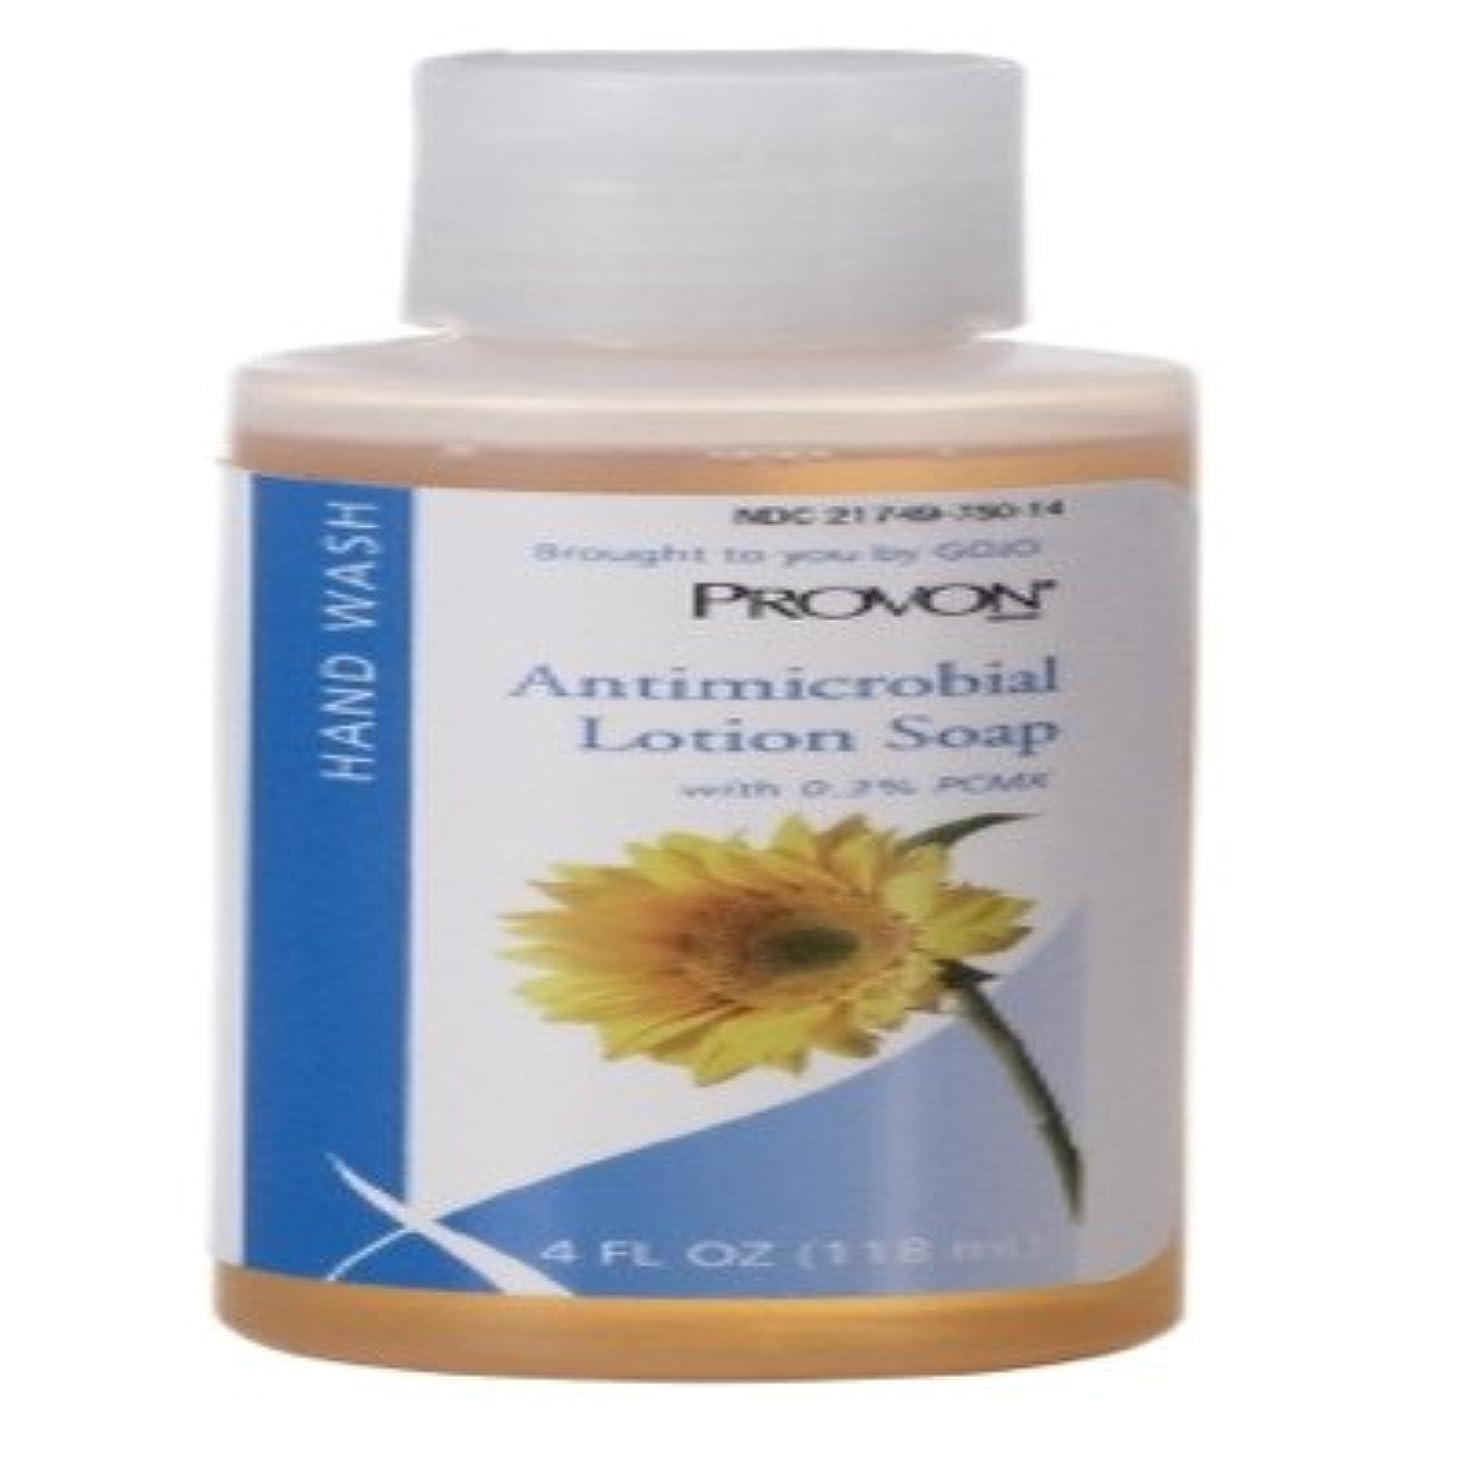 肥沃な縞模様のオーバーランmck43011800 – 抗菌Soap ProvonローションボトルCitrus Scent